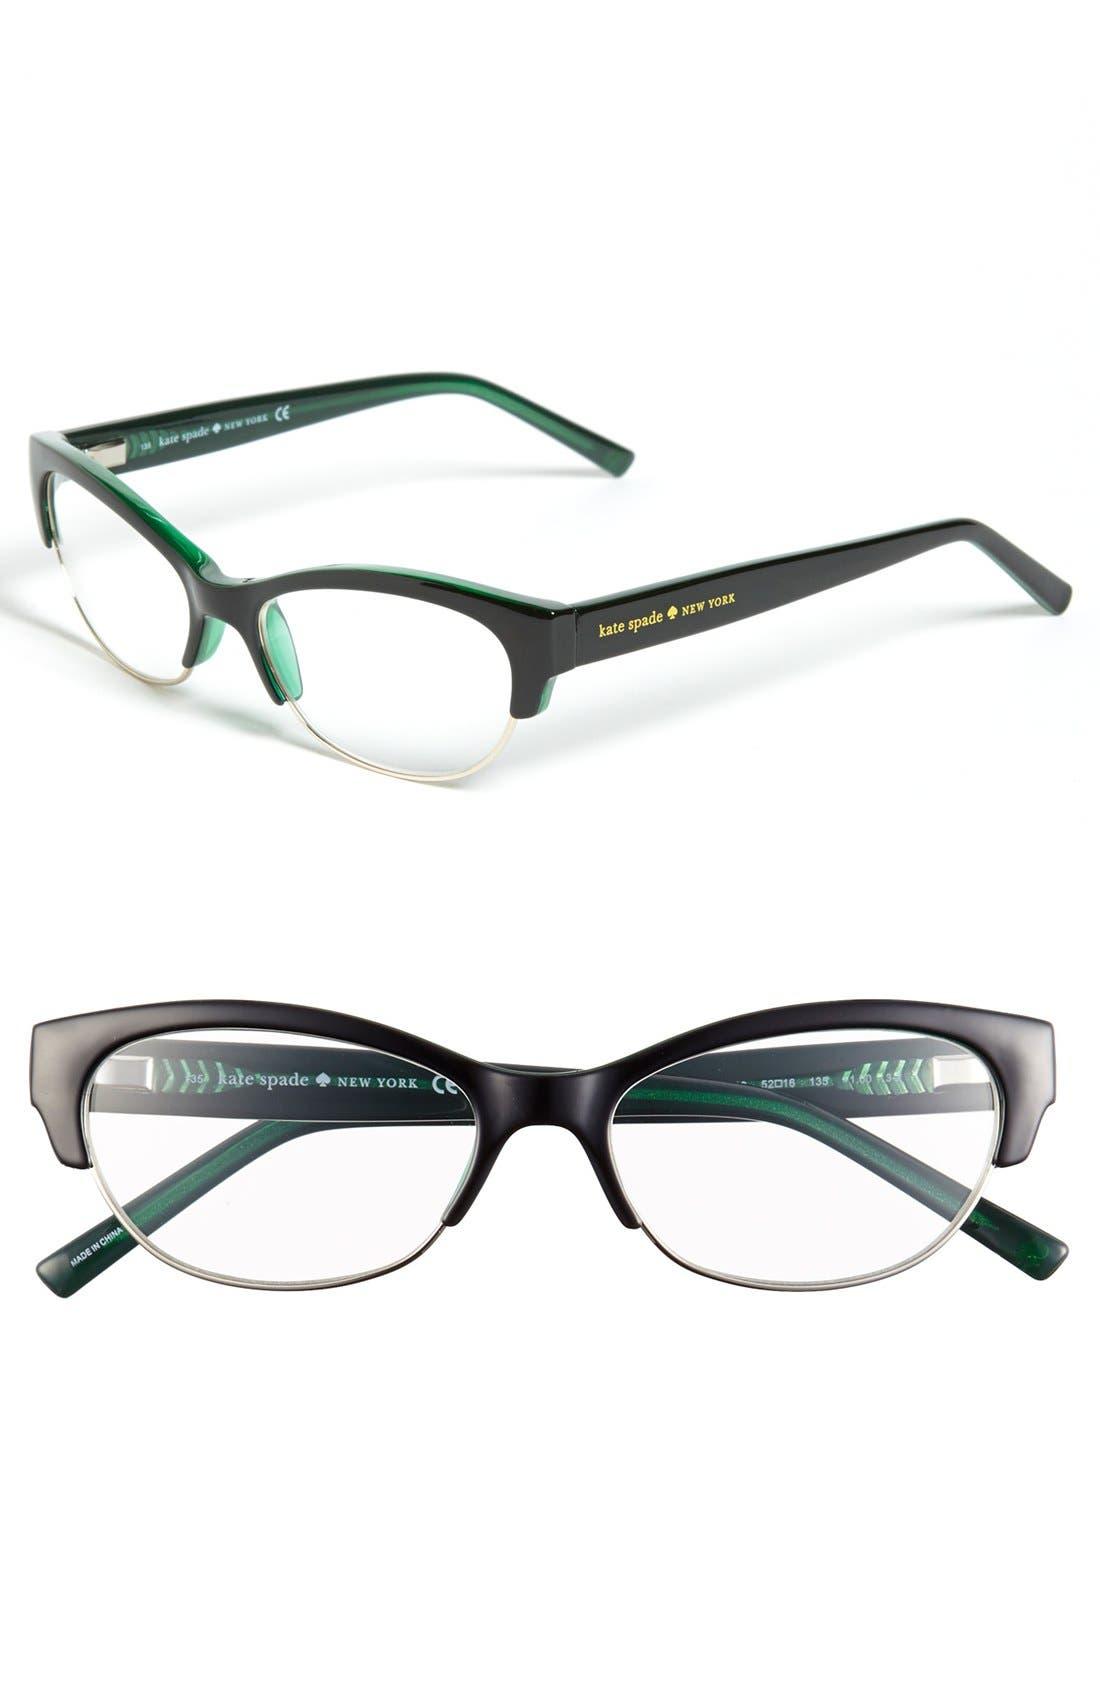 Alternate Image 1 Selected - kate spade new york 'aleta' 52mm reading glasses (2 for $88)